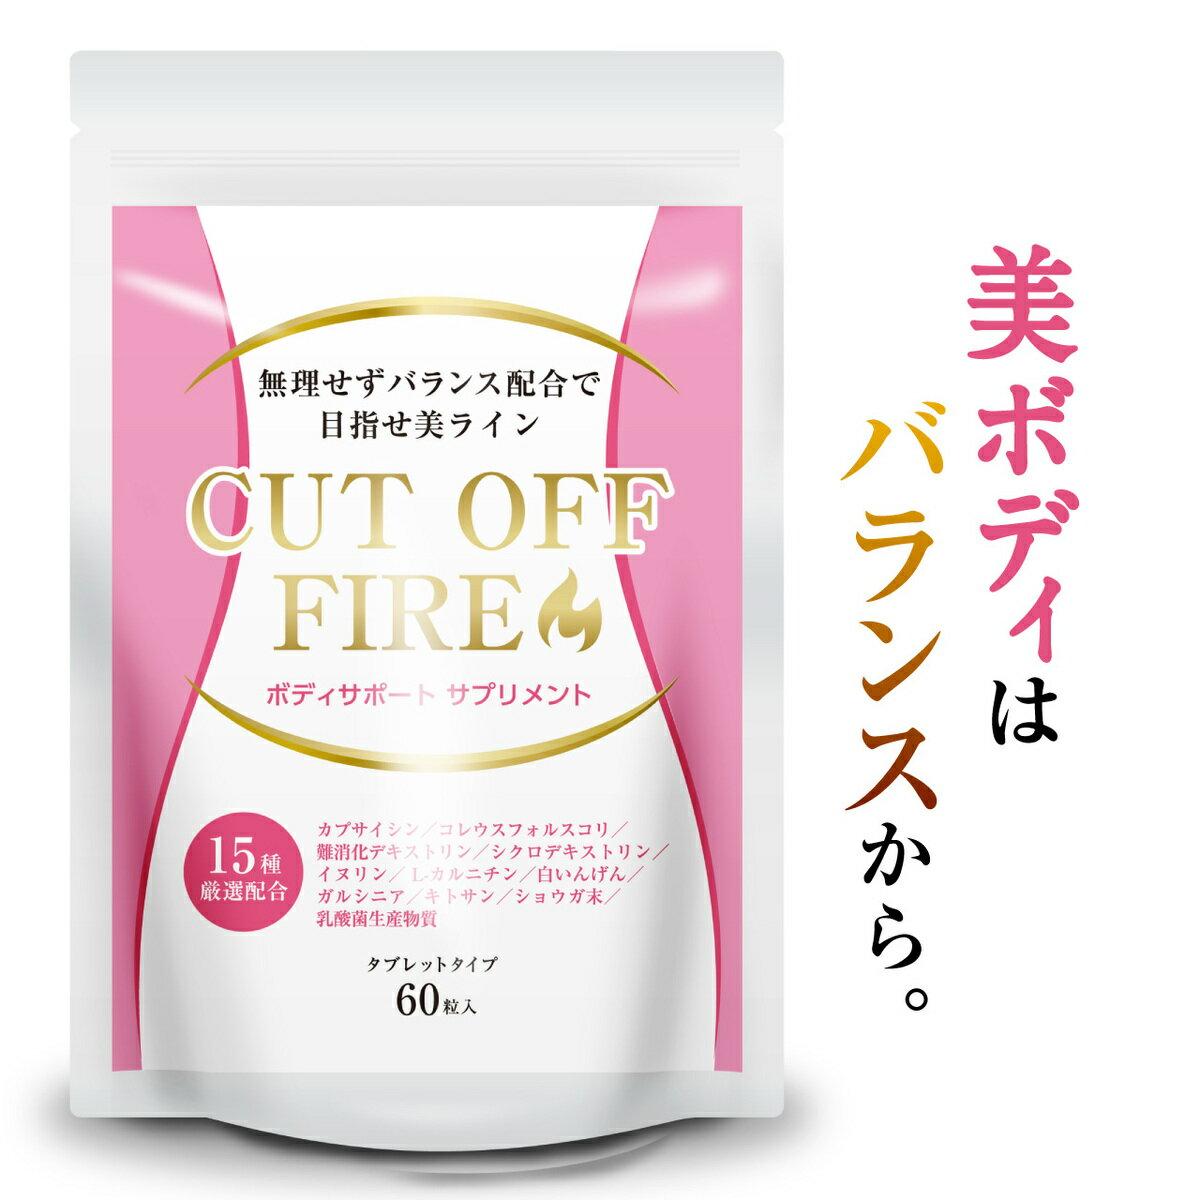 ダイエット サプリ 燃焼系 イヌリン CUT OFF FIRE 酵素 フォースコリー フォルスコリ カルニチン デキストリン rk-190110 ポイント消化 送料無料 いつもココ